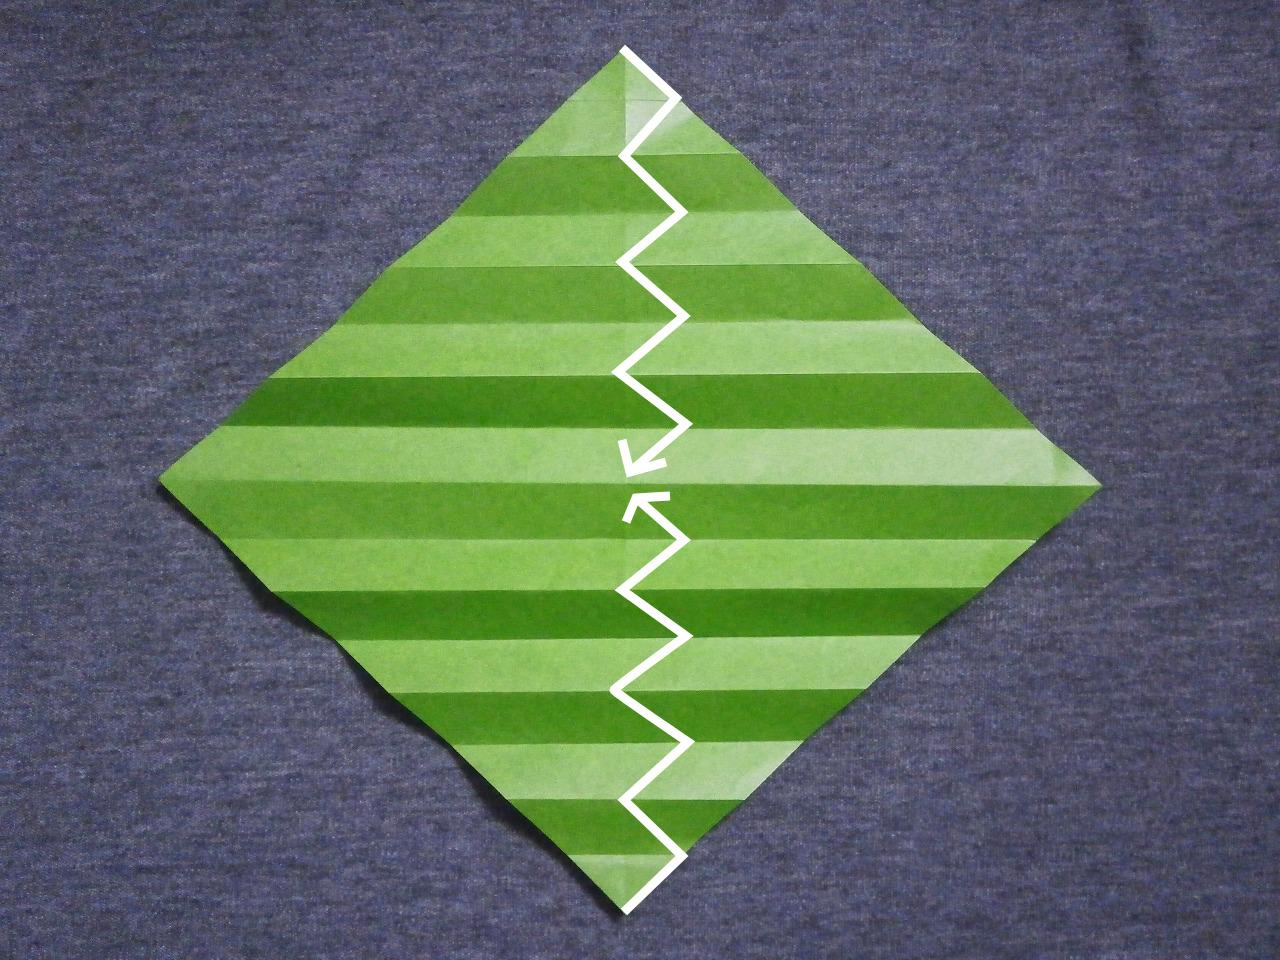 KATAKOTO ORIGAMI: How to fold an origami snake - photo#12